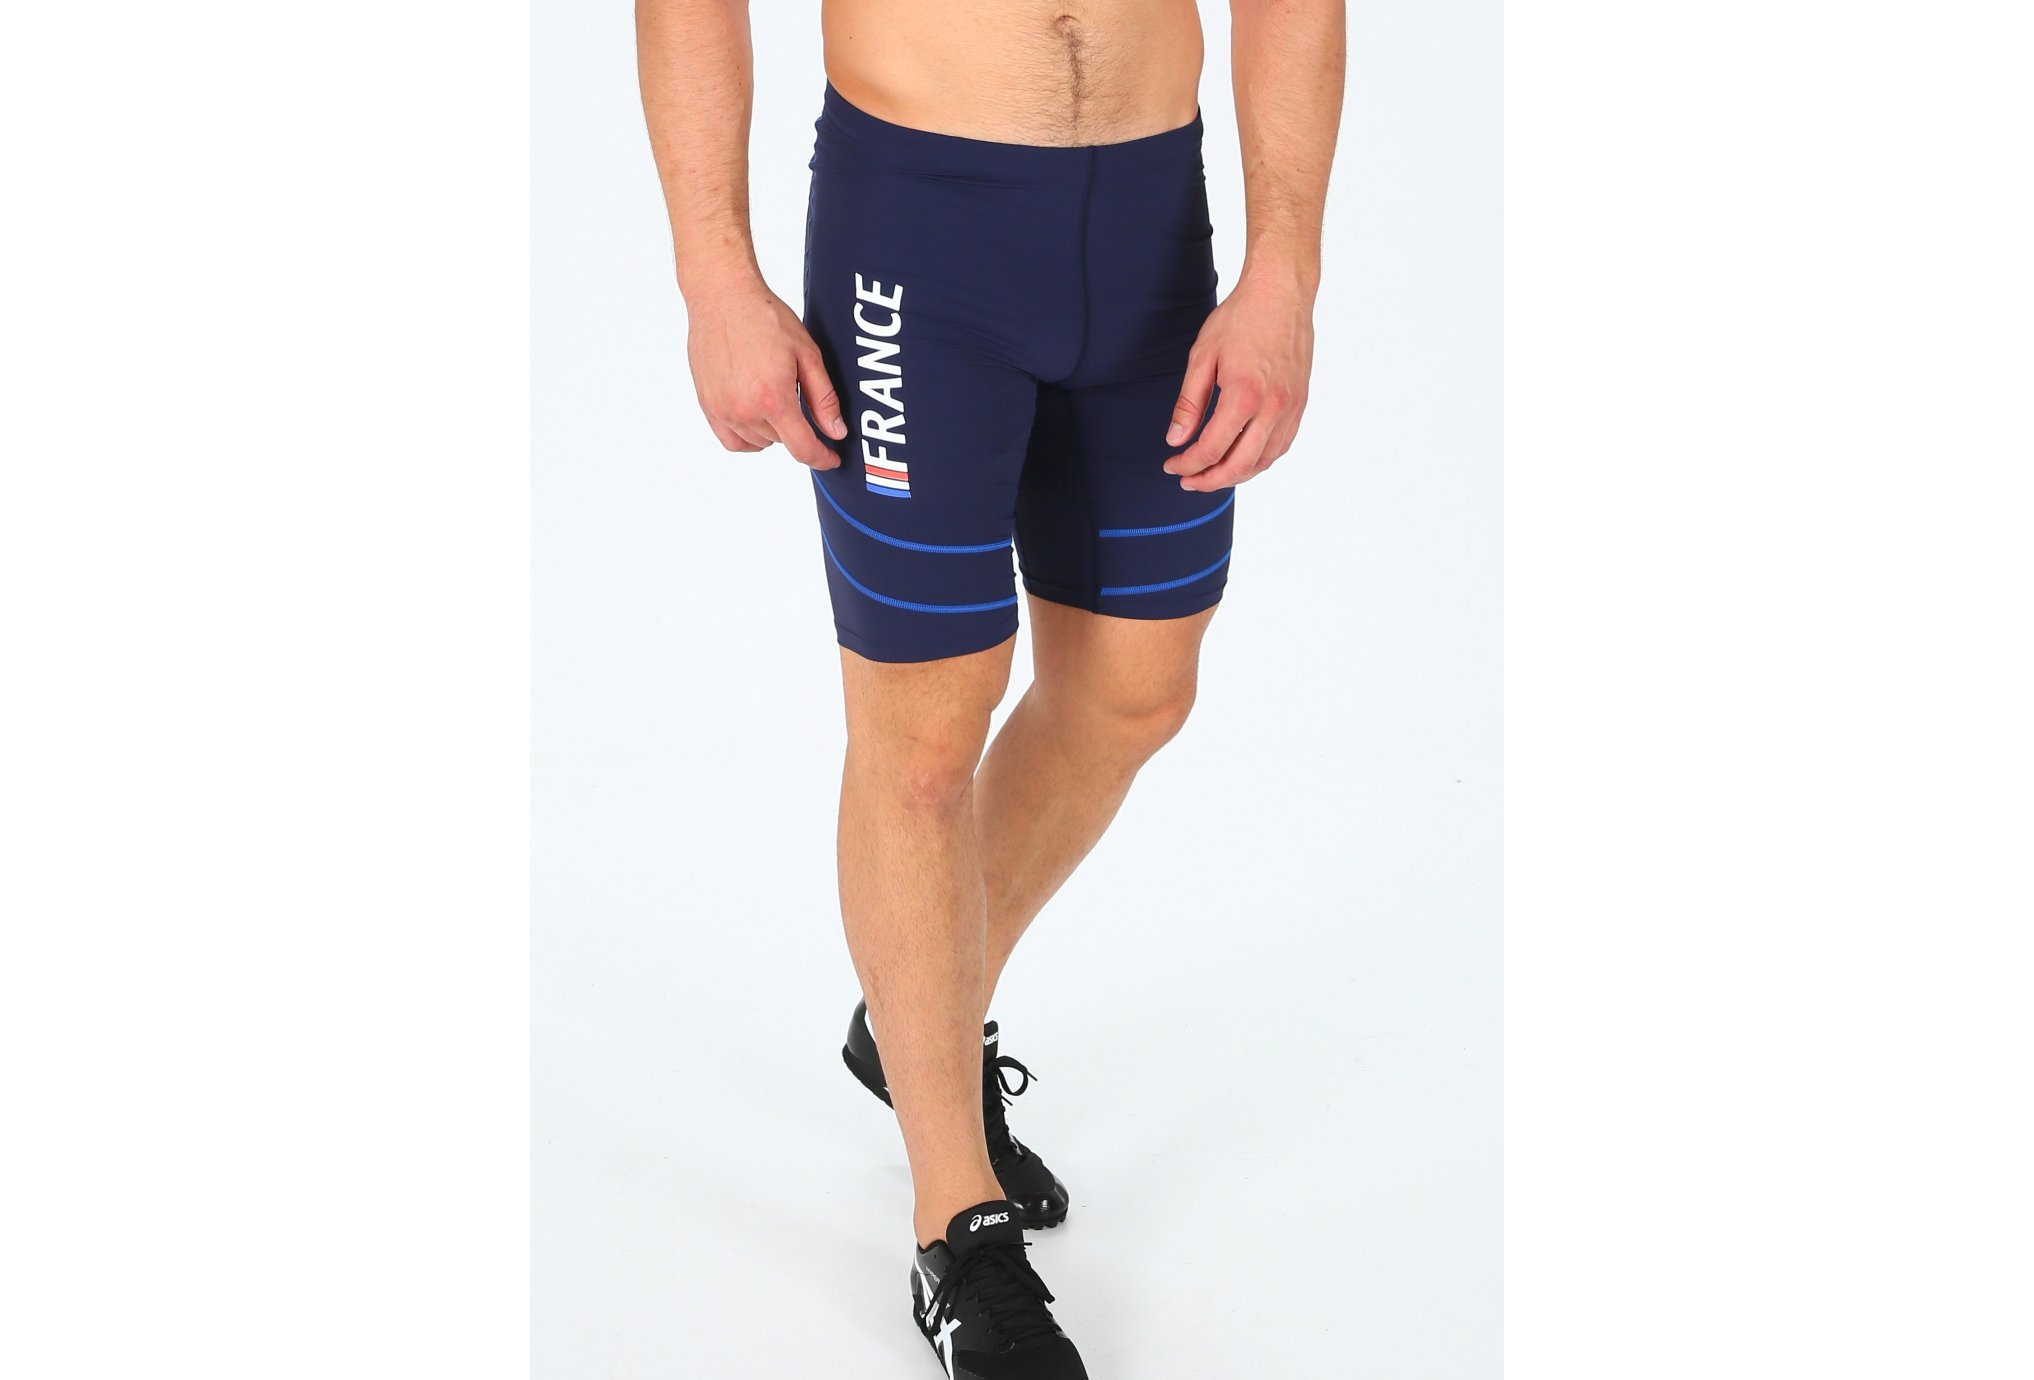 Asics T&F Sprinter M Diététique Vêtements homme